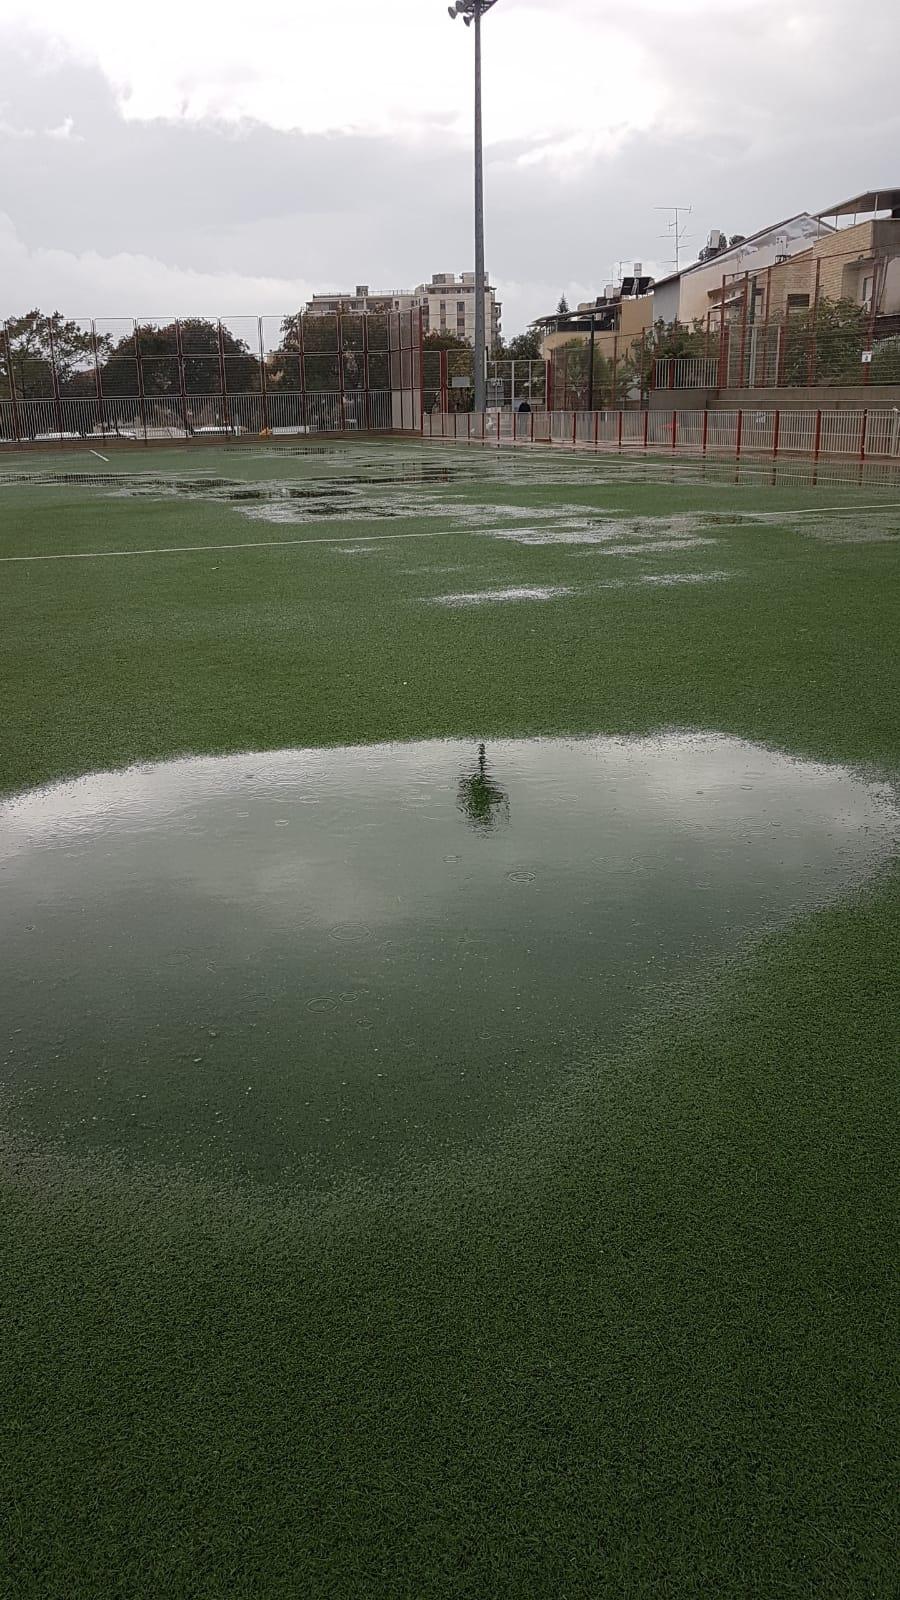 הצפה באצטדיון ברמלה (צילום: ההתאחדות לכדורגל)